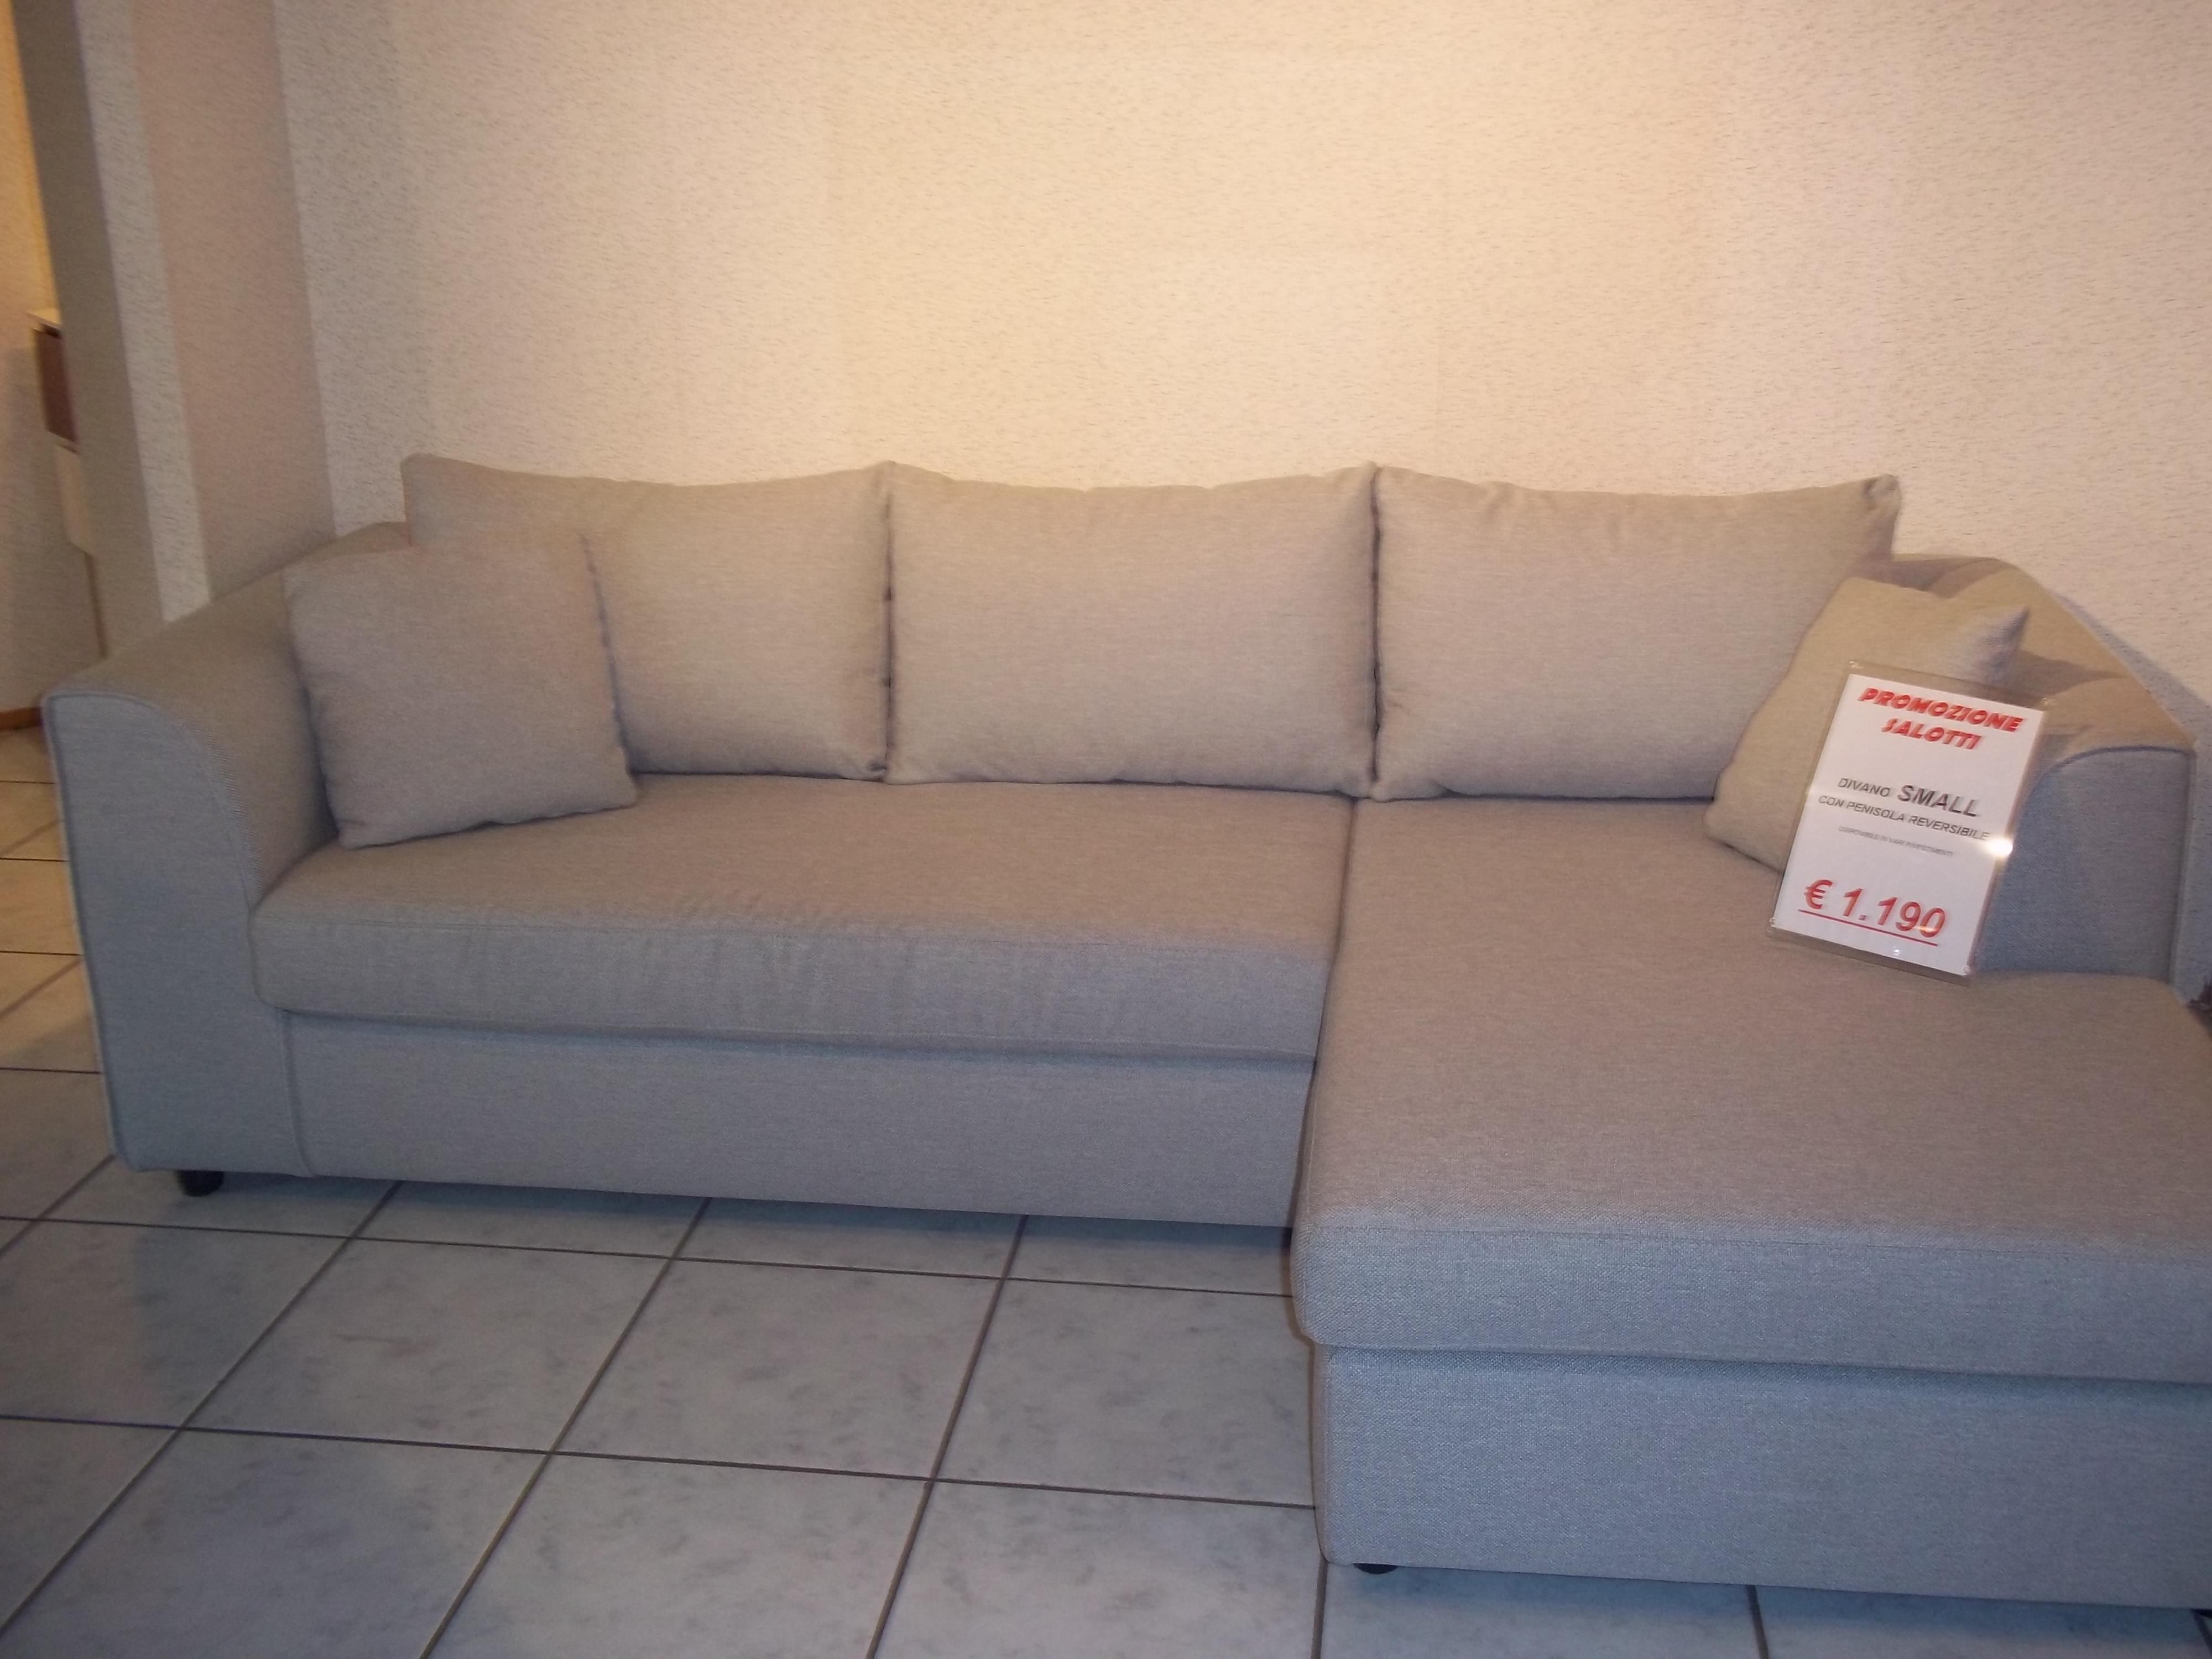 Offerta divano berloni divani a prezzi scontati - Divano ecopelle offerta ...